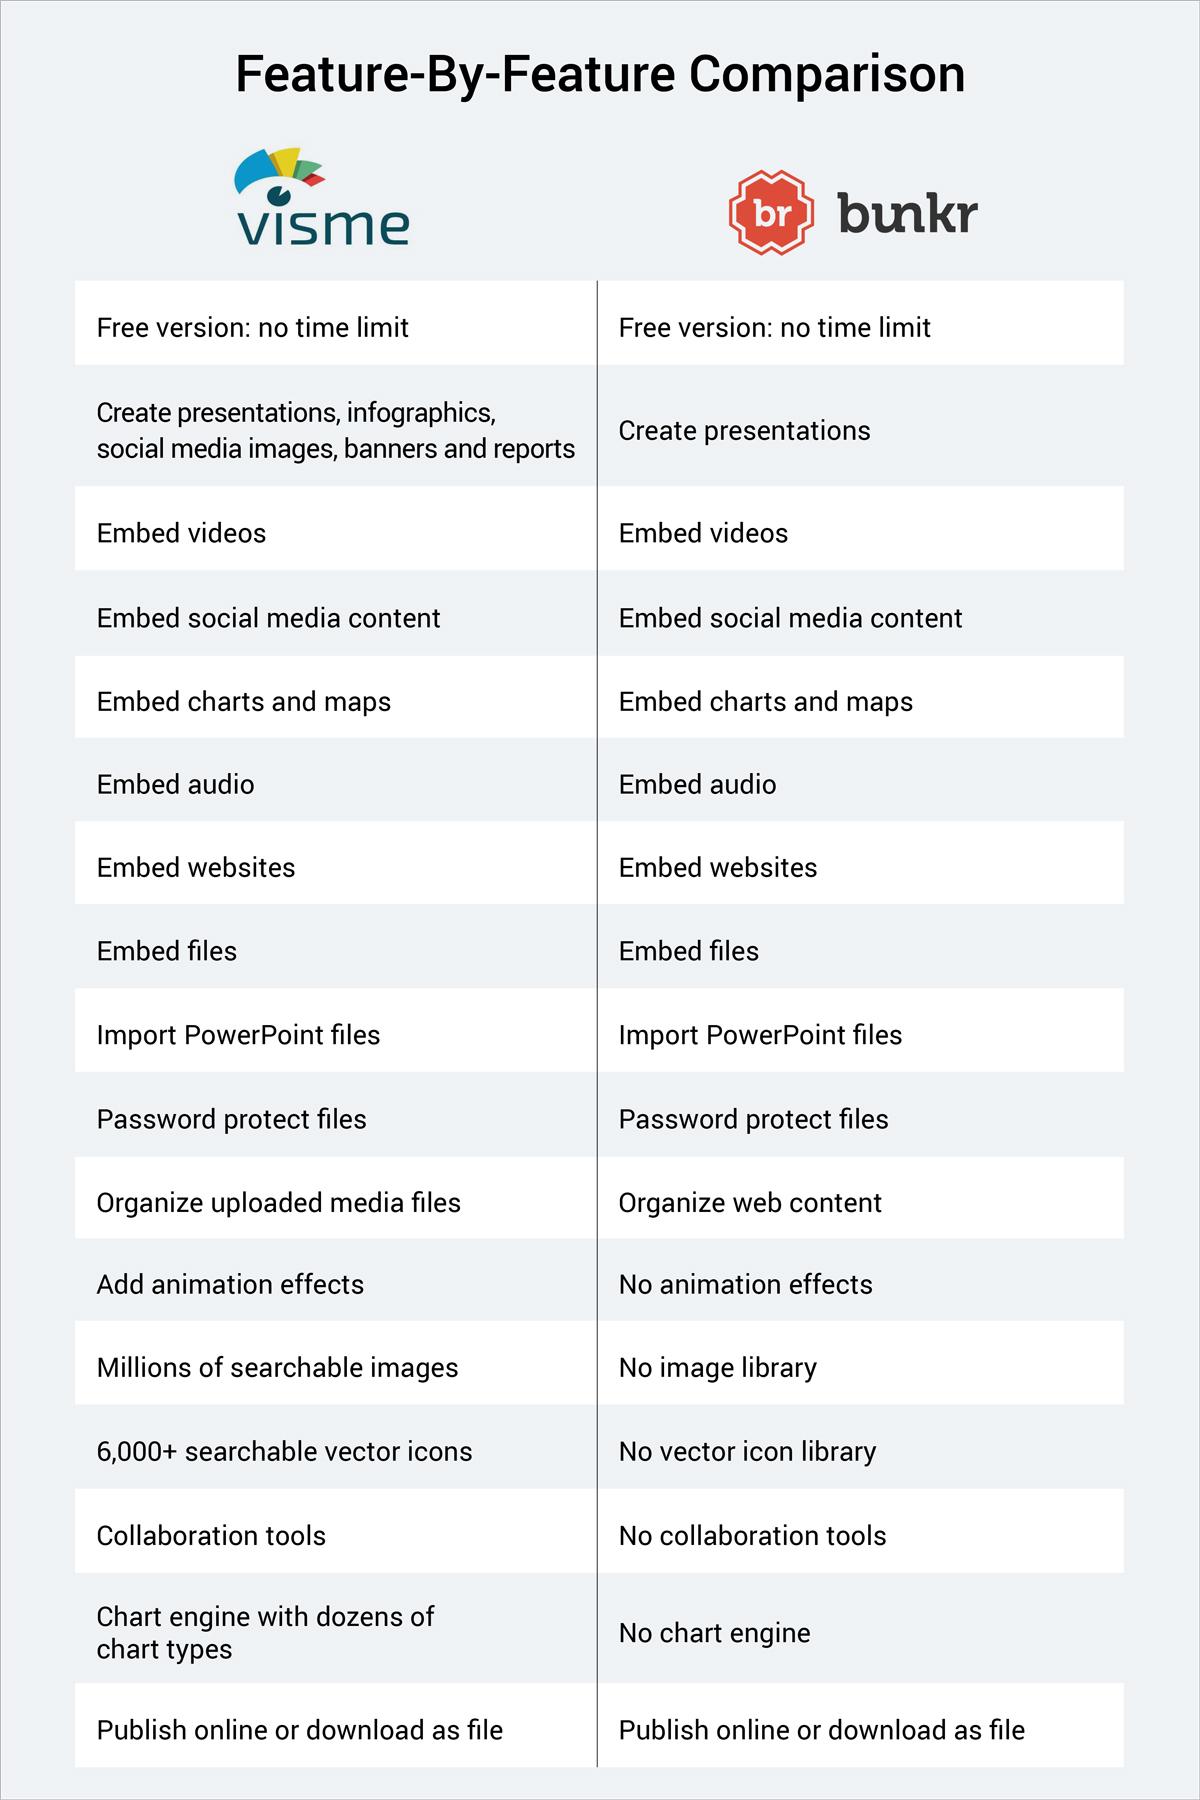 bunkr alternative visme versus bunkr feature by feature comparison table